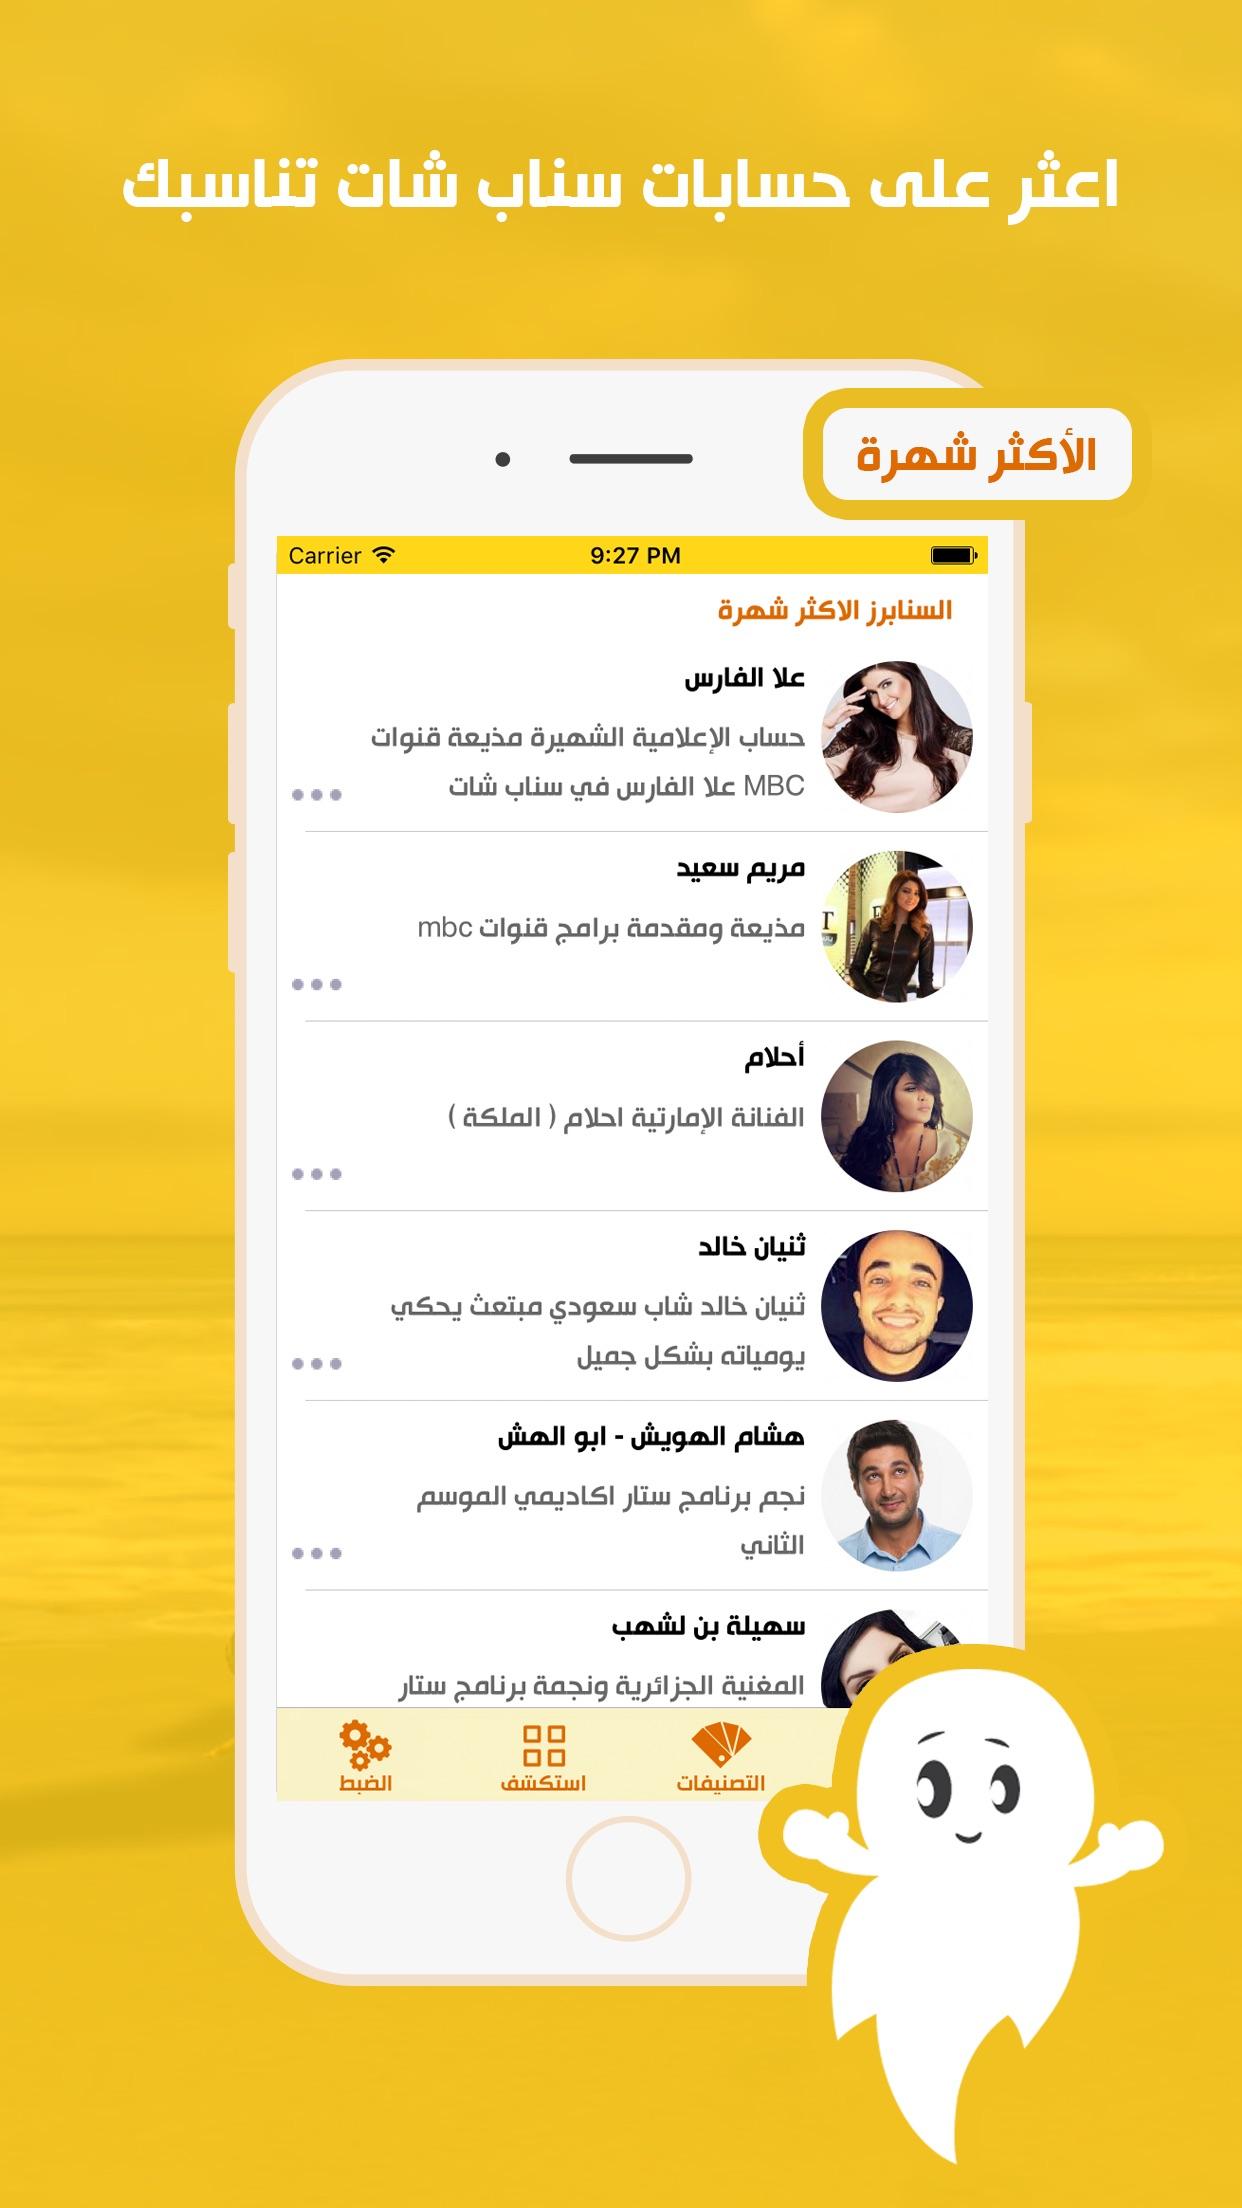 سنابات - دليل الحسابات المميزة لتطبيق سناب شات Screenshot